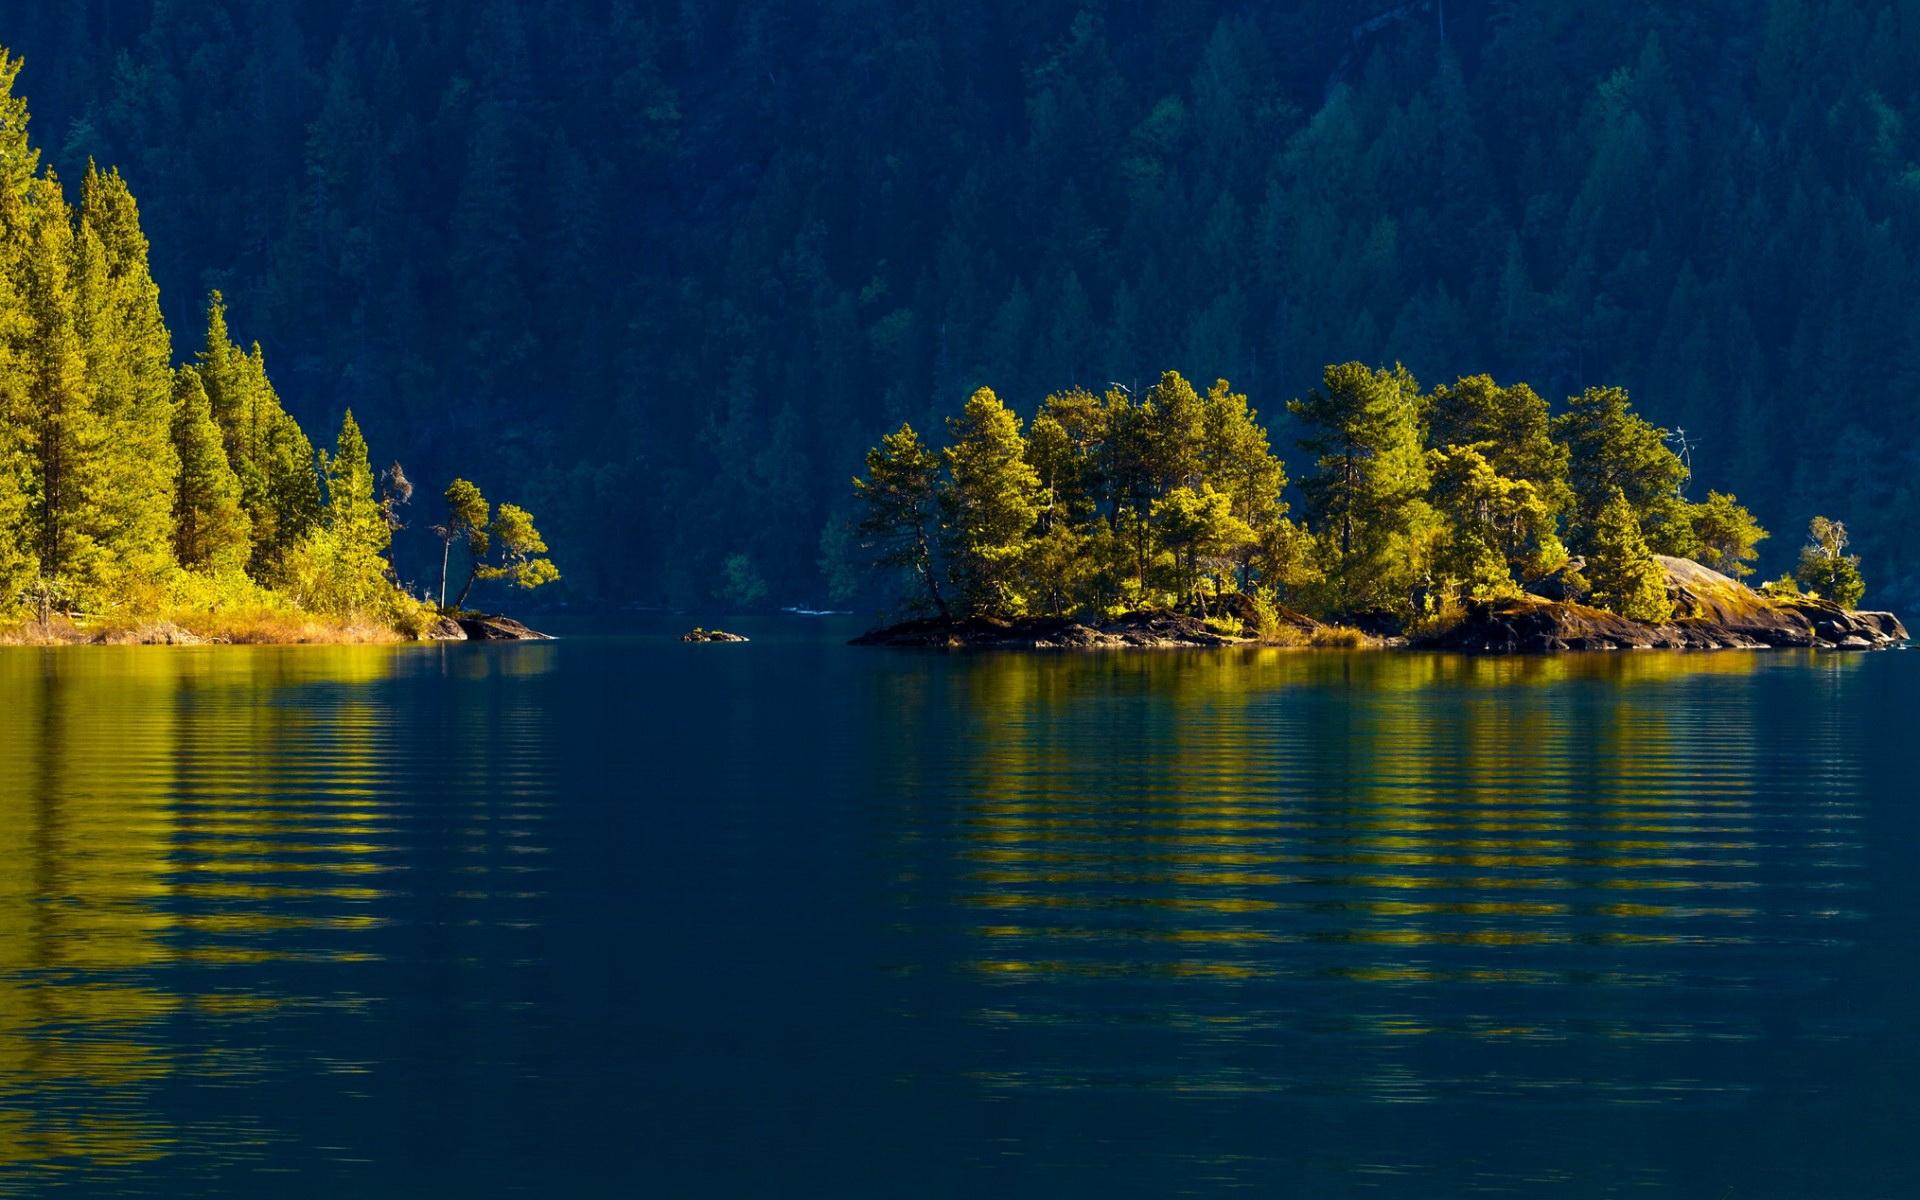 Lake HD Wallpaper